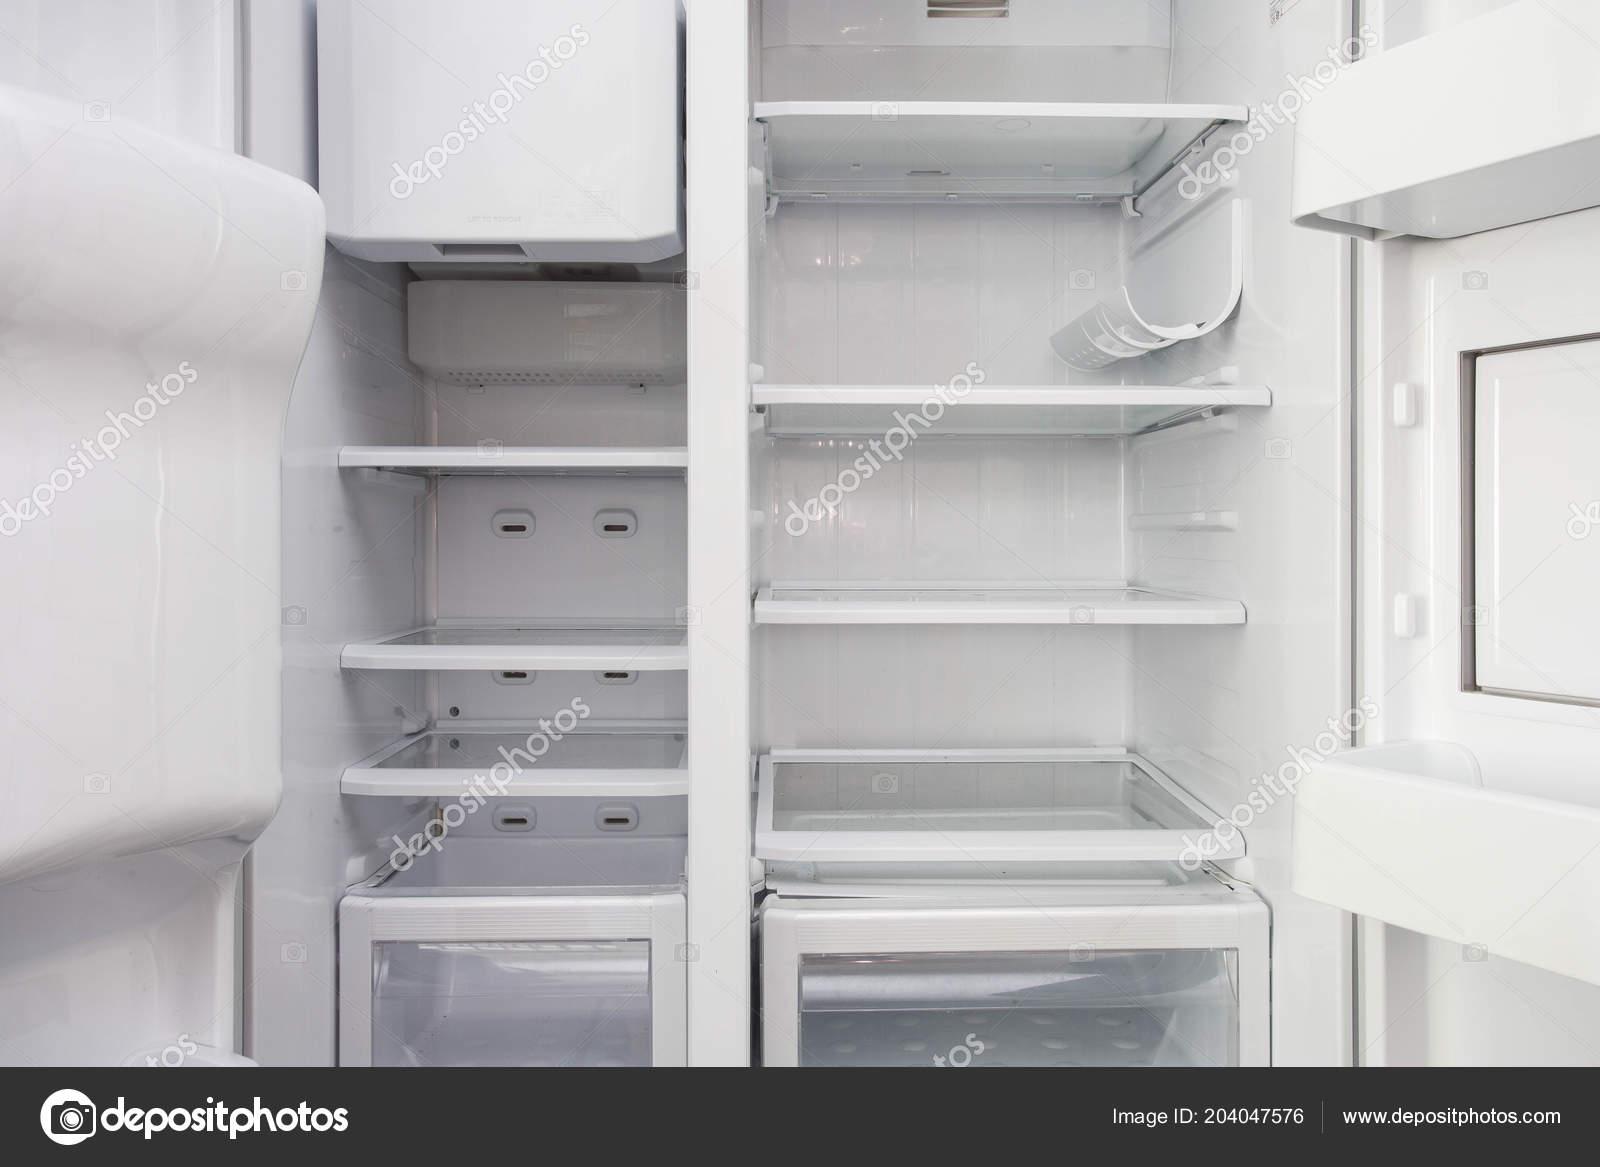 Kleiner Kühlschrank Gewicht : Gewicht kühlschrank telefunken cf 33 100 r kühlschrank a 82 1 cm